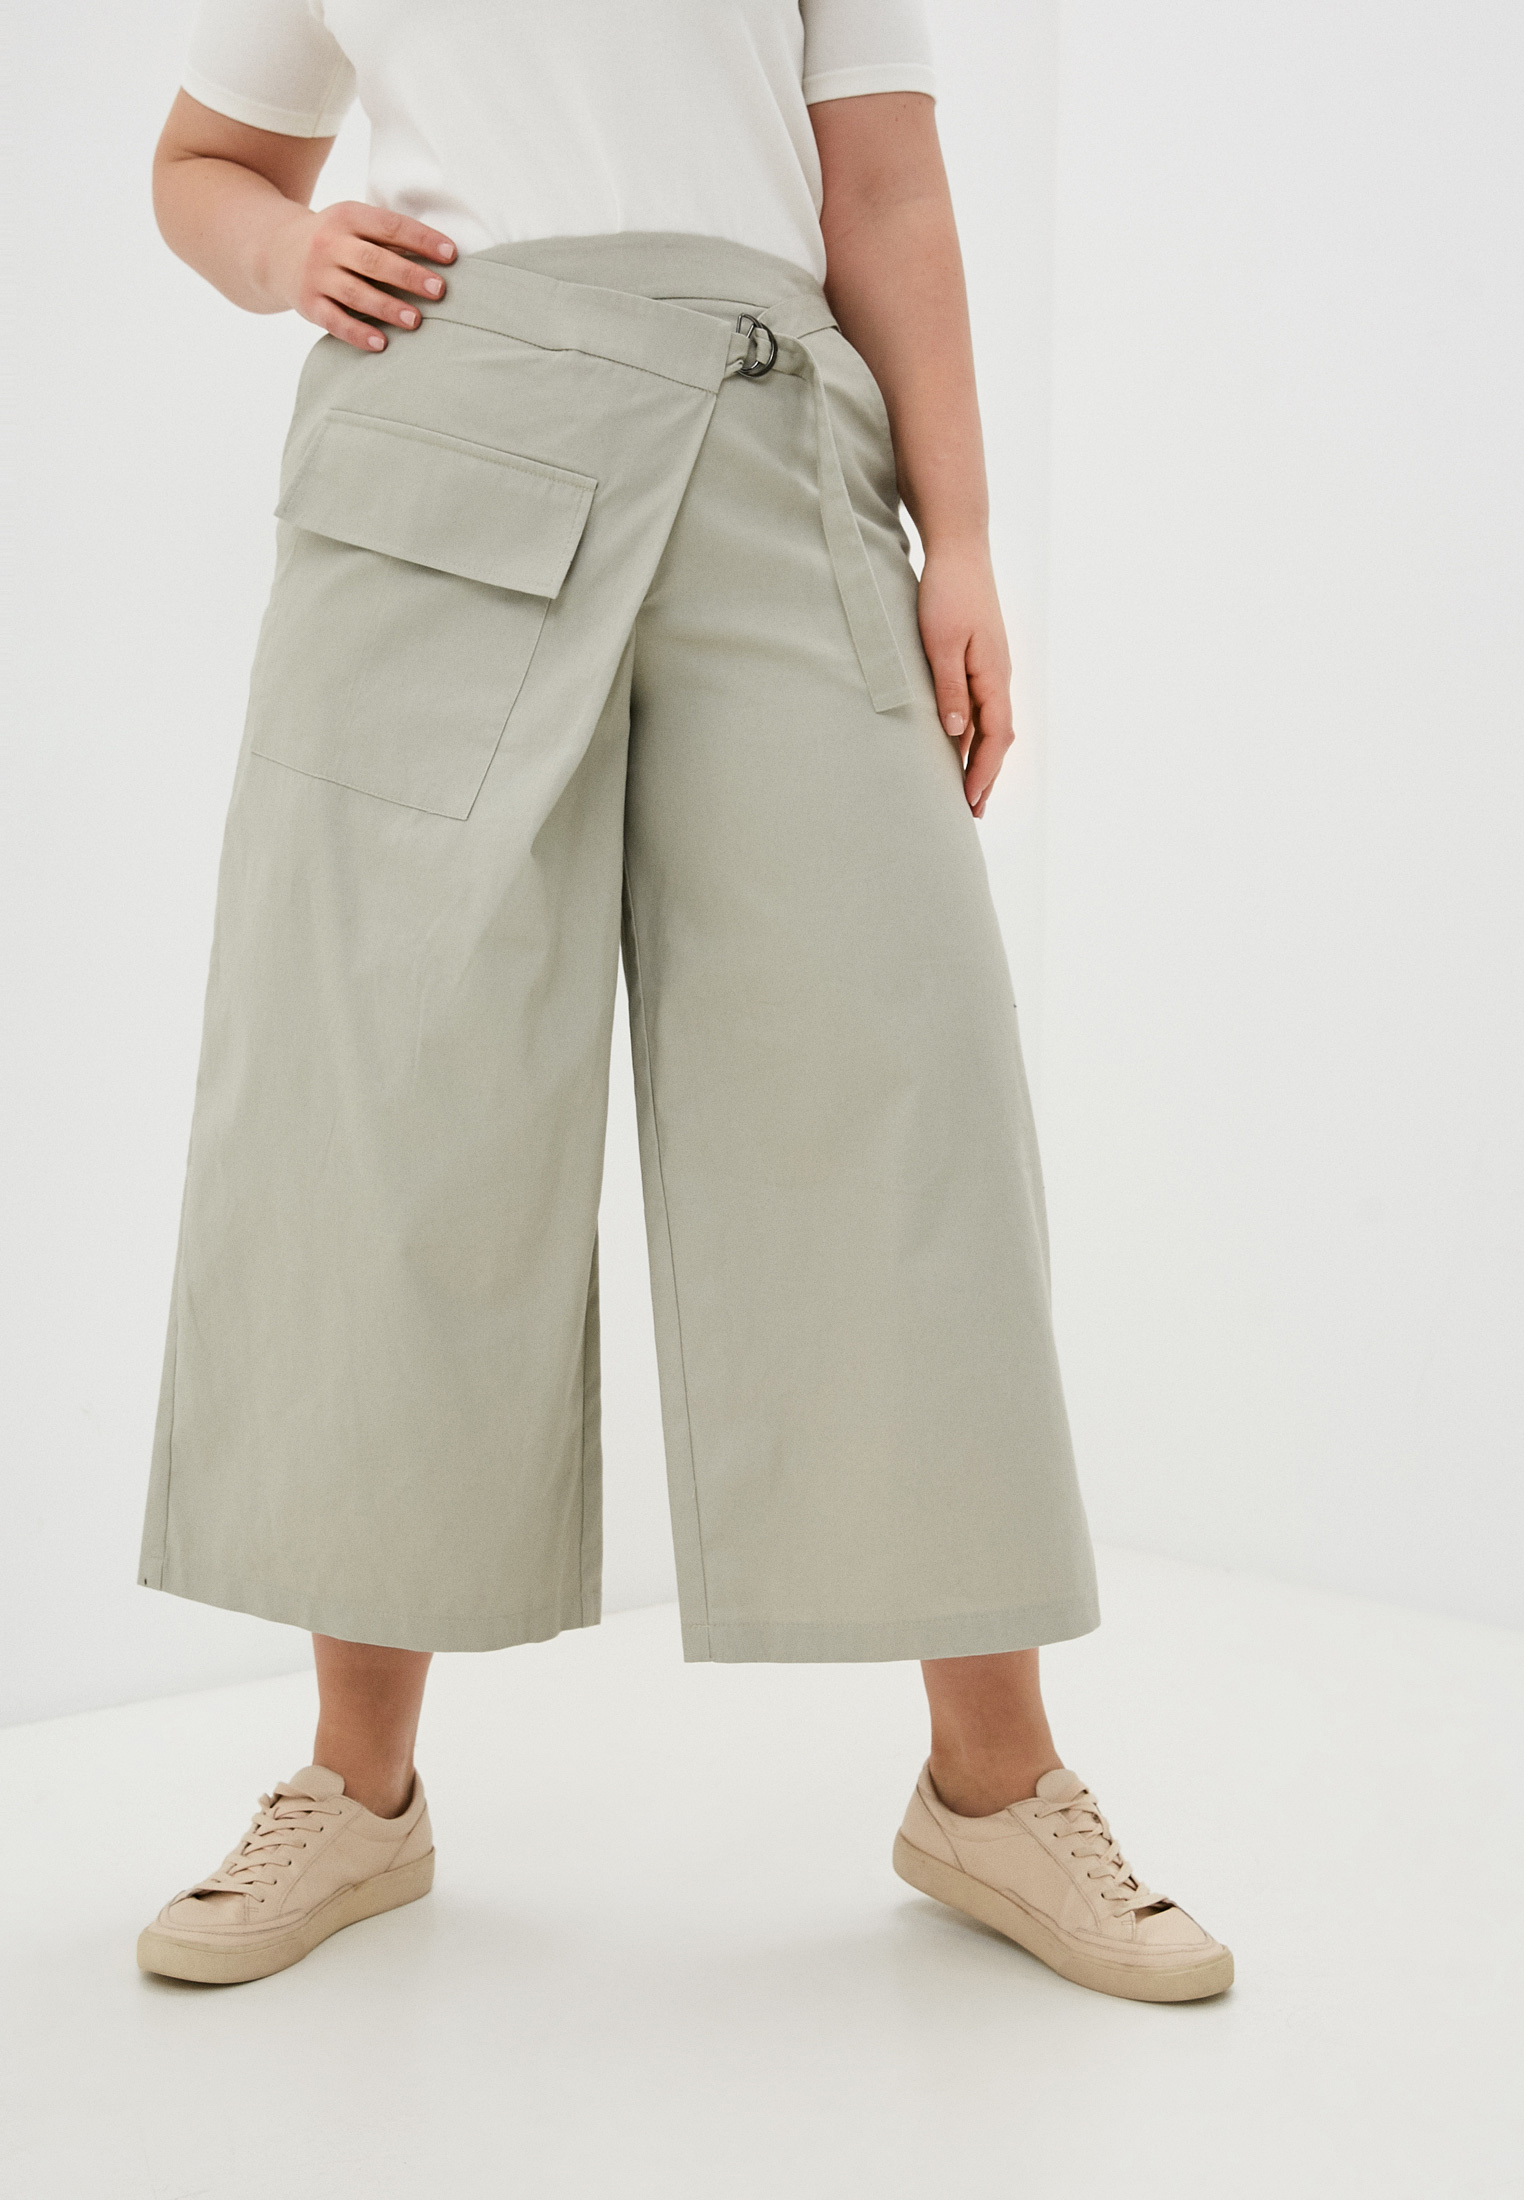 Женские широкие и расклешенные брюки Nataliy Beate Брюки мод.402